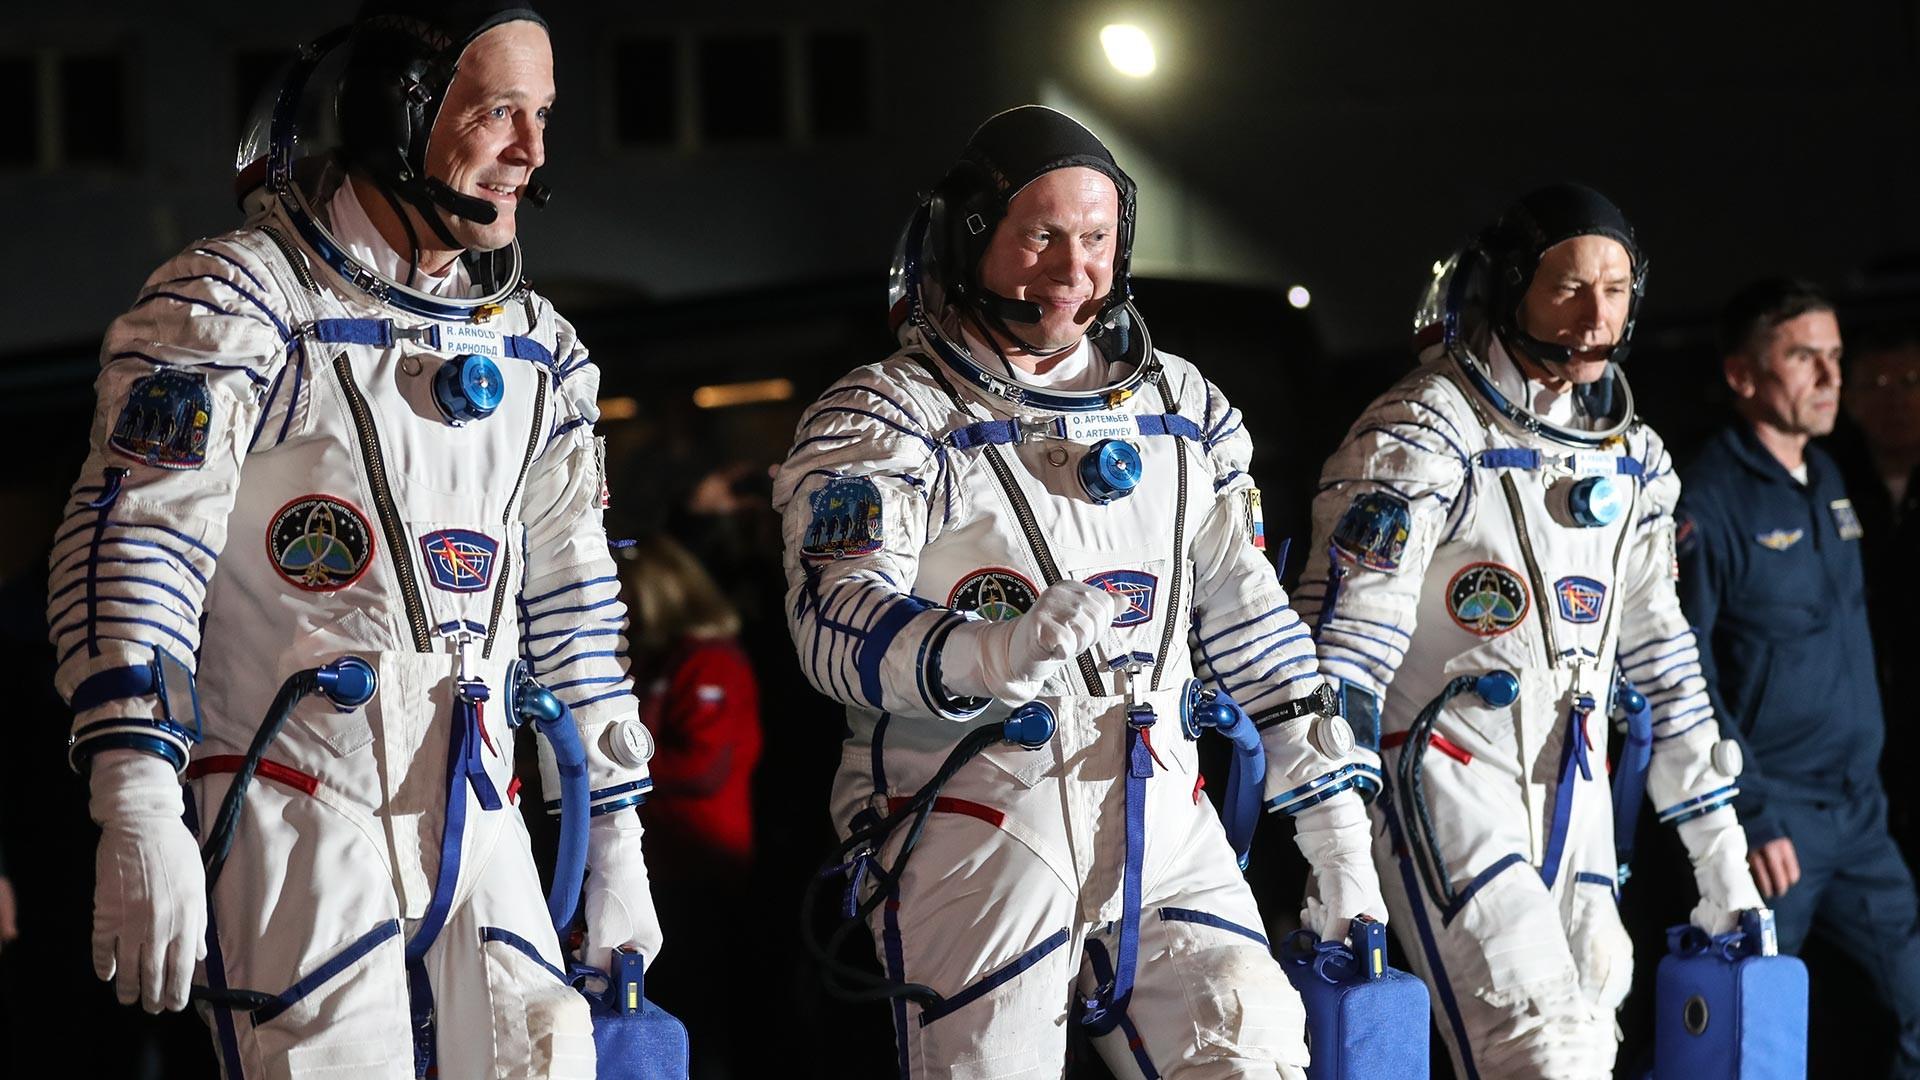 L'expédition 55/56 de l'équipage permanent de la Station spatiale internationale. L'astronaute américain Richard R. Arnold, le cosmonaute Oleg Artemyev et l'astronaute américain Andrew Feustel (de gauche à droite).